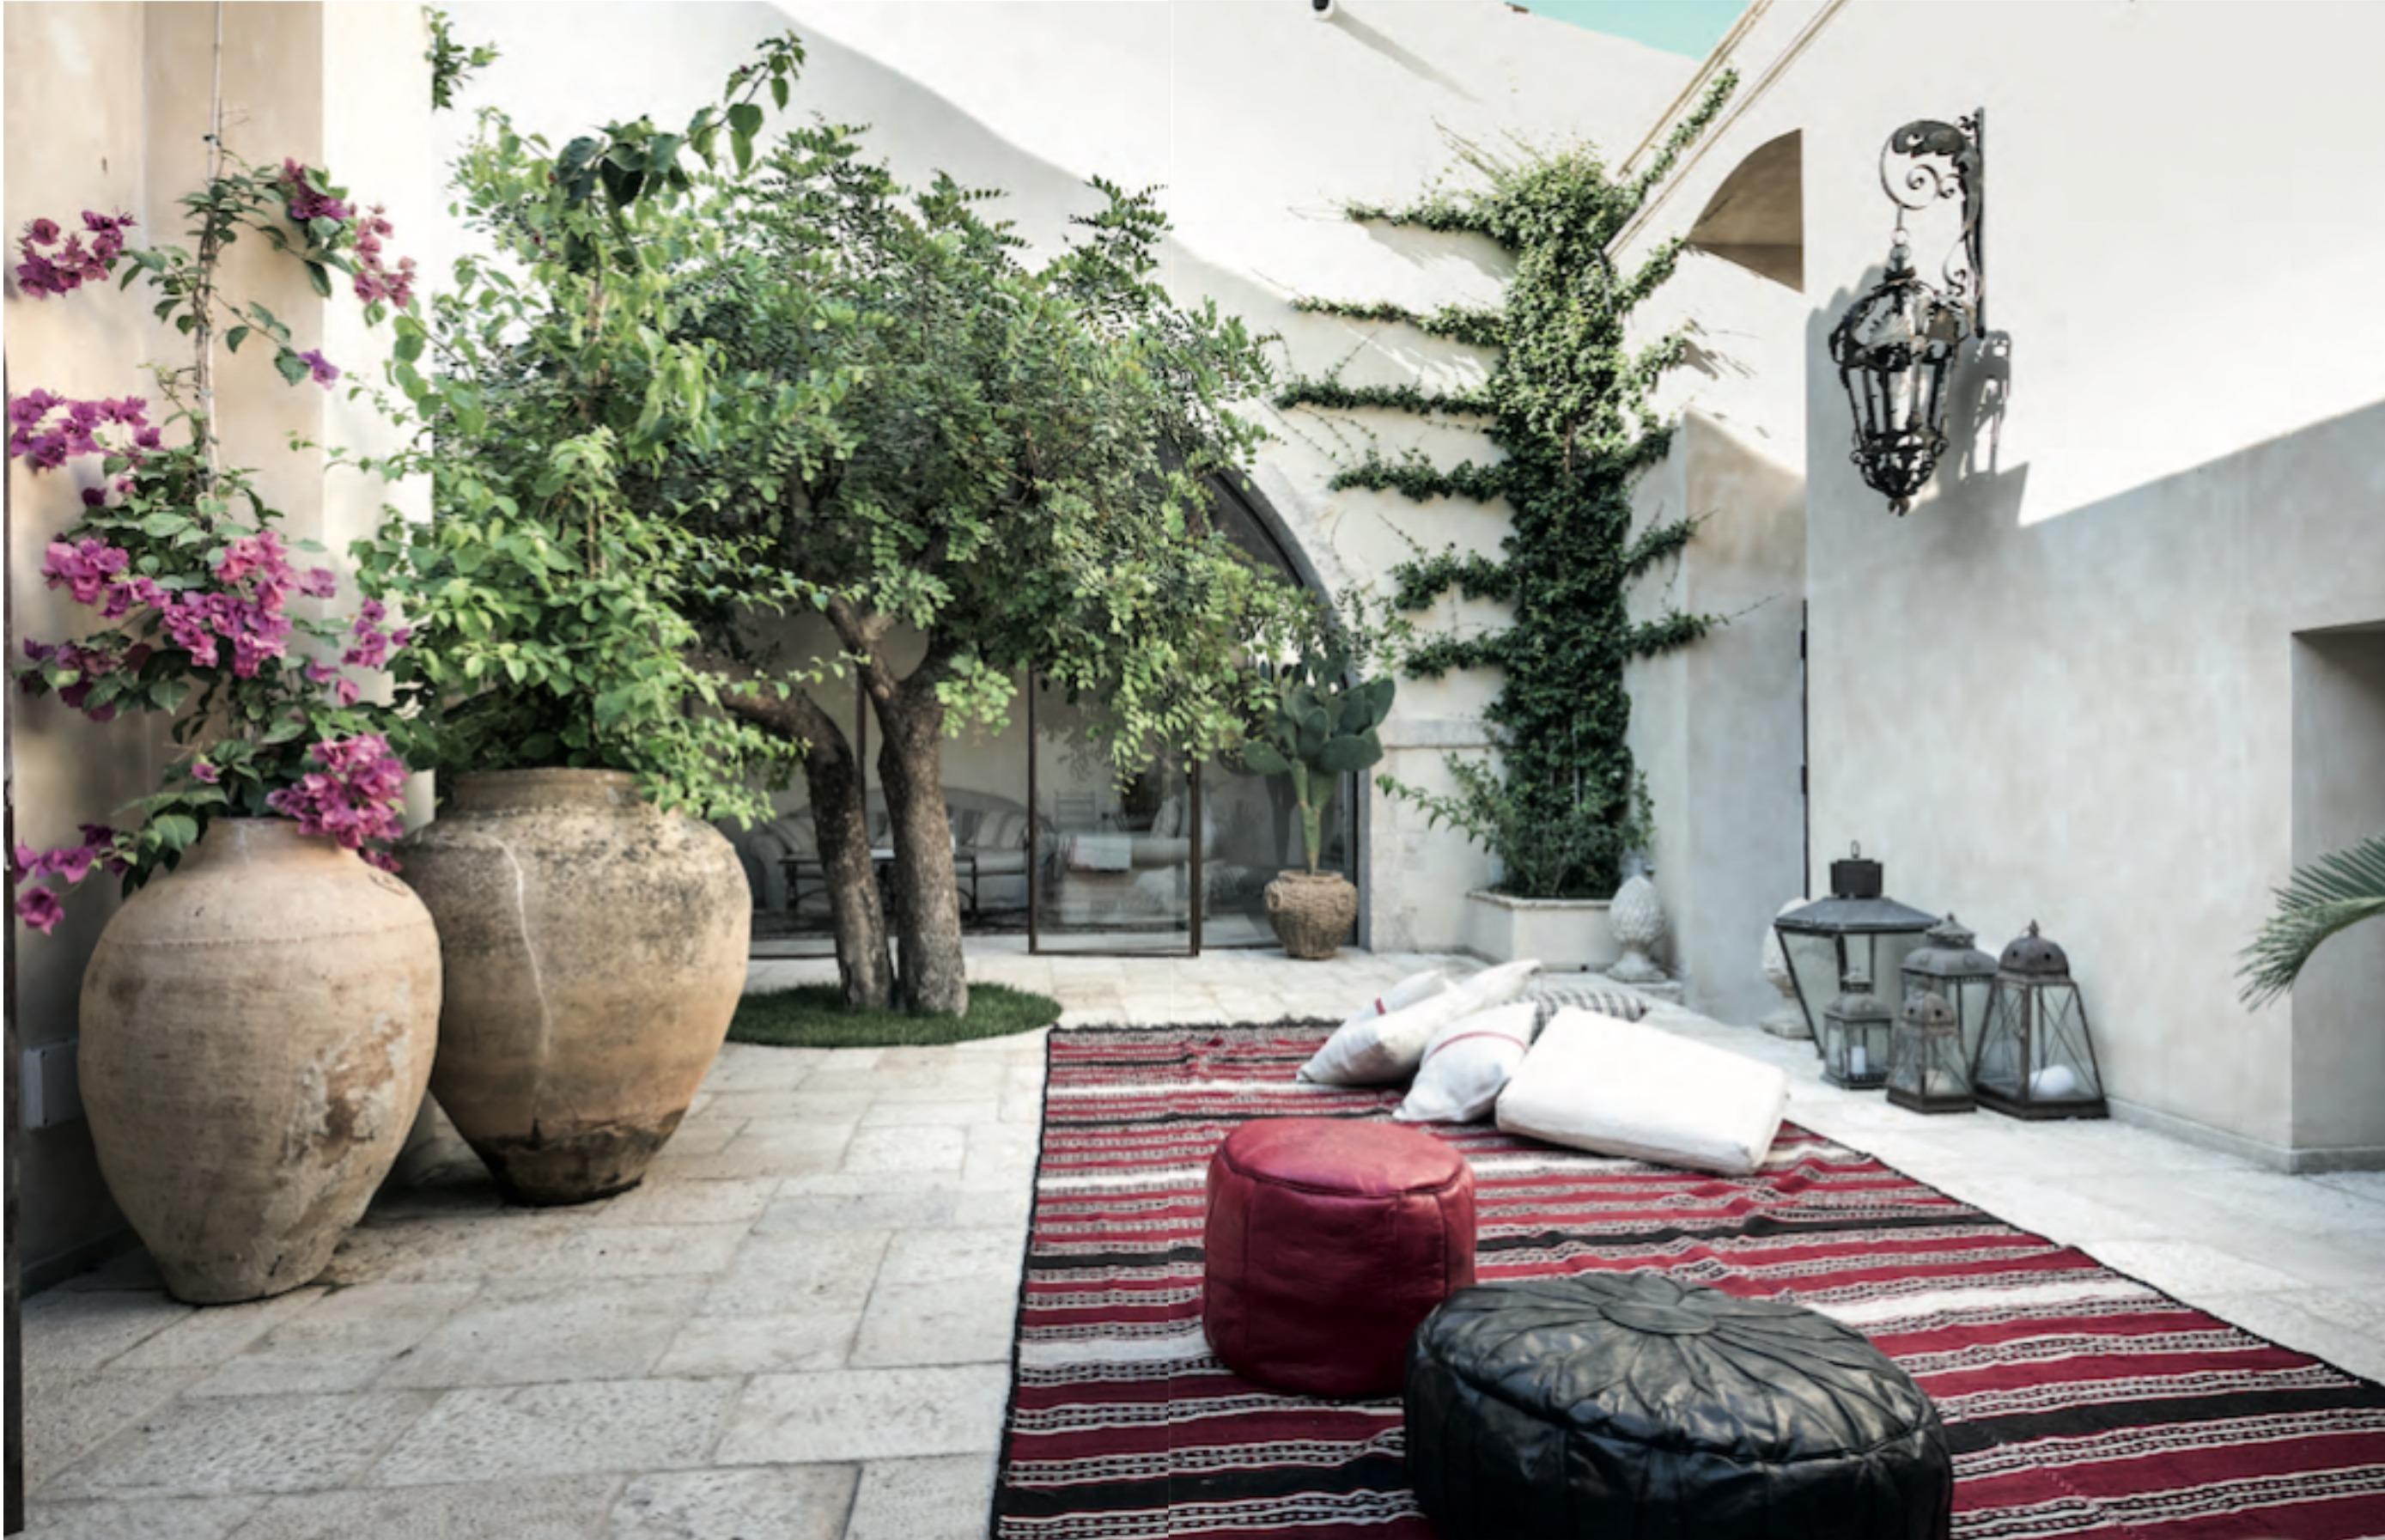 Ristrutturazione in stile orientale a noto for Casa in stile orientale